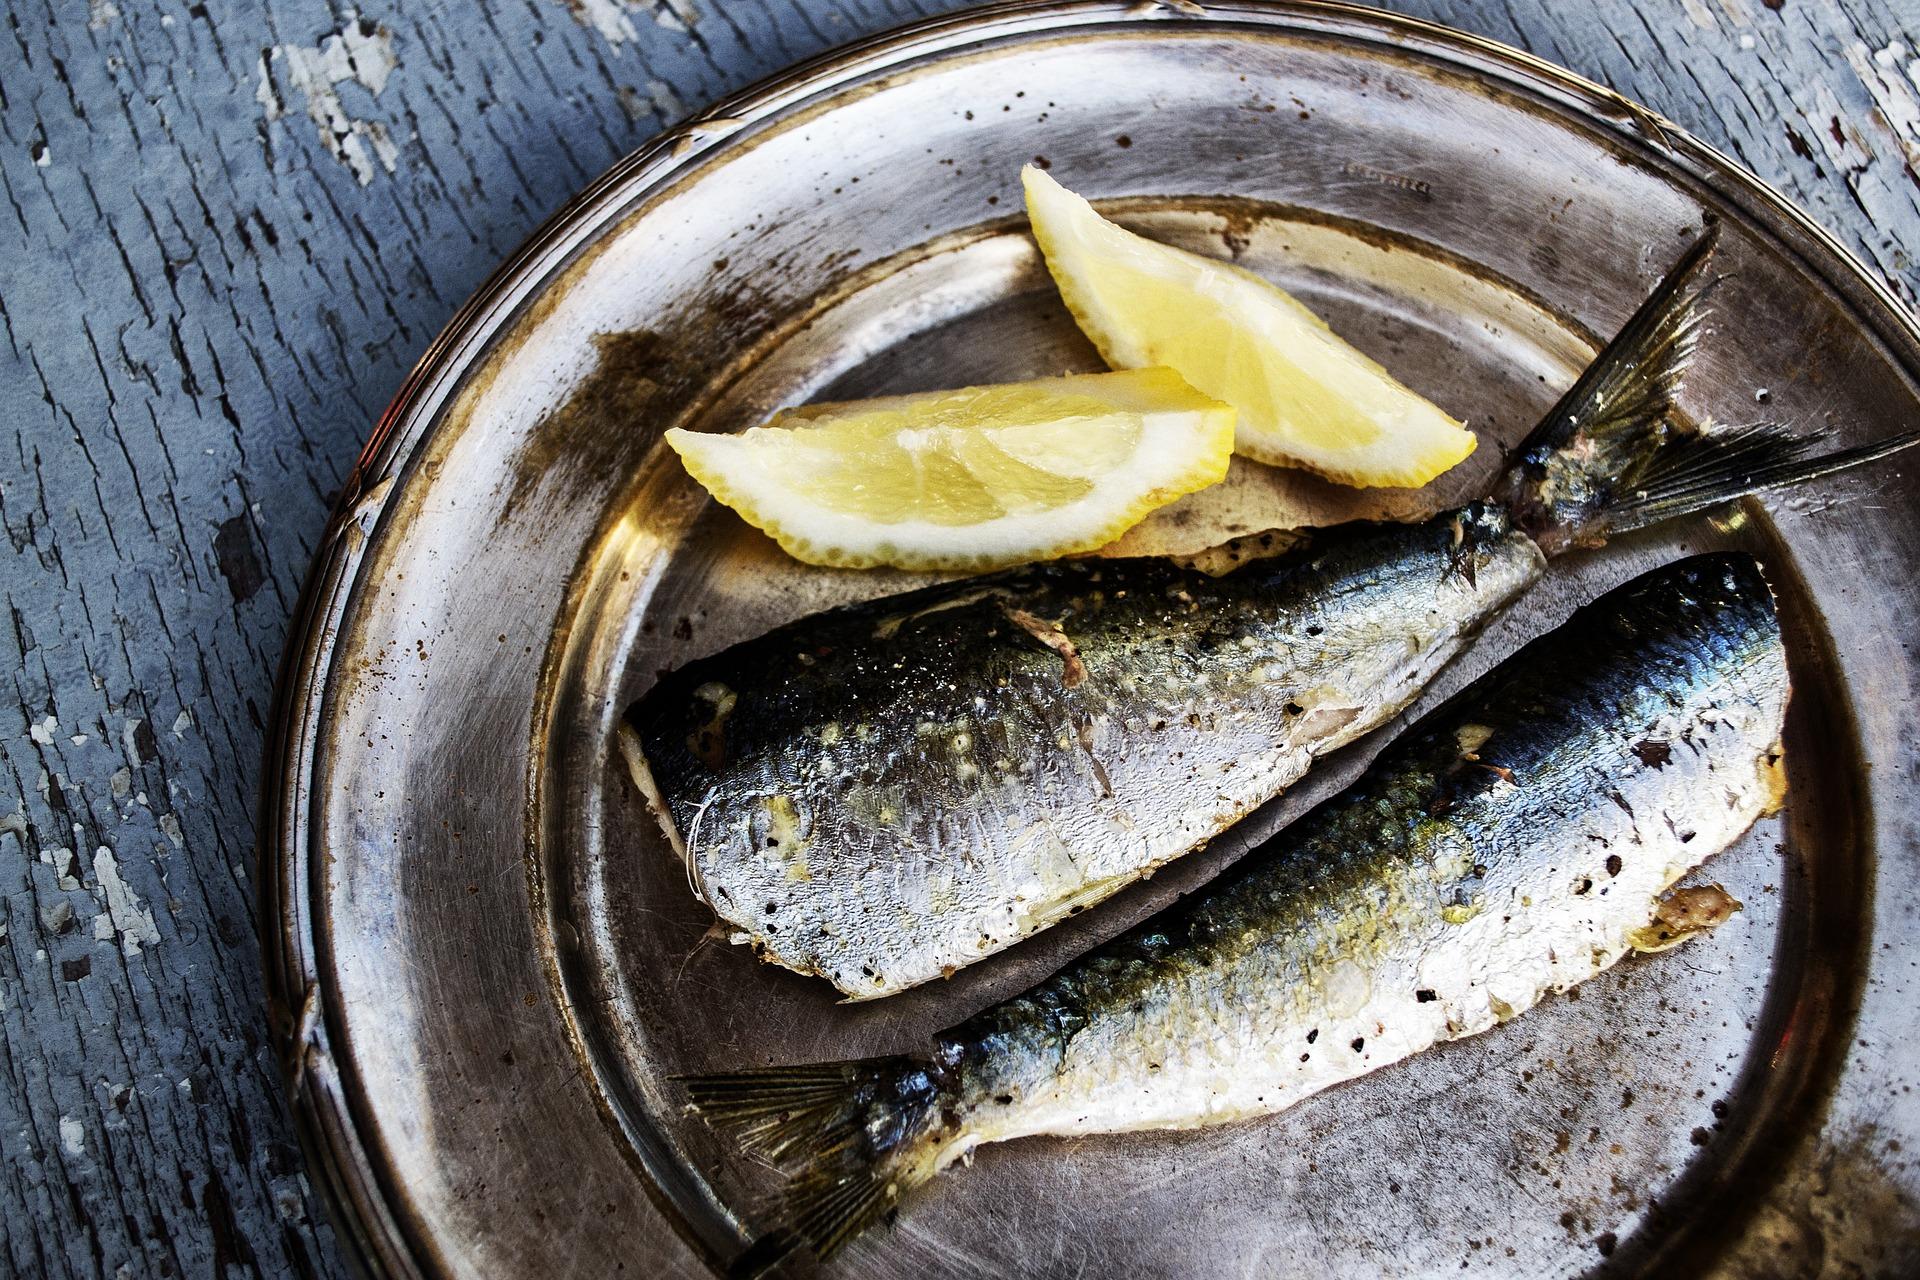 Zdrowa dieta MITY - 10 (fot. pixabay.com)